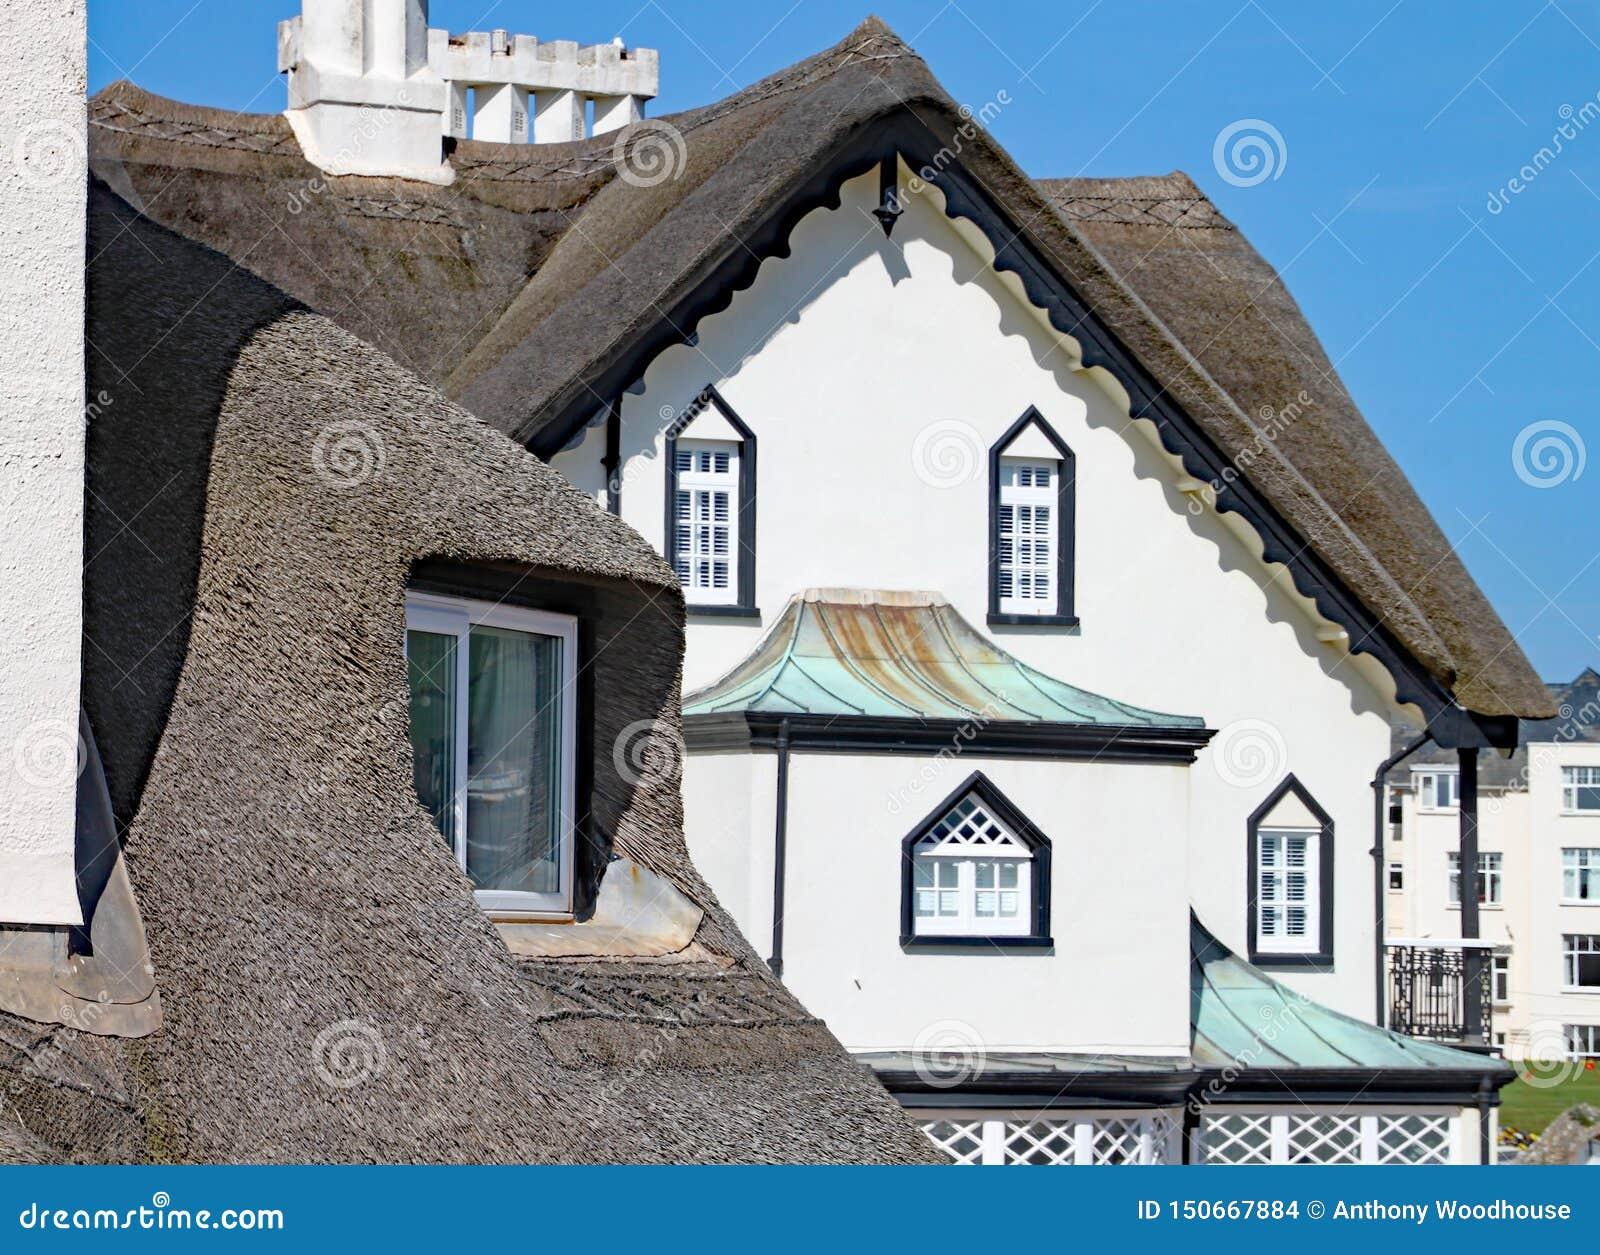 SIDMOUTH, DEVON - 1. APRIL 2012: Der schöne alte mit Stroh gedeckte Wohnsitz steht auf der Sidmouth-Küste an einem sonnigen Tag